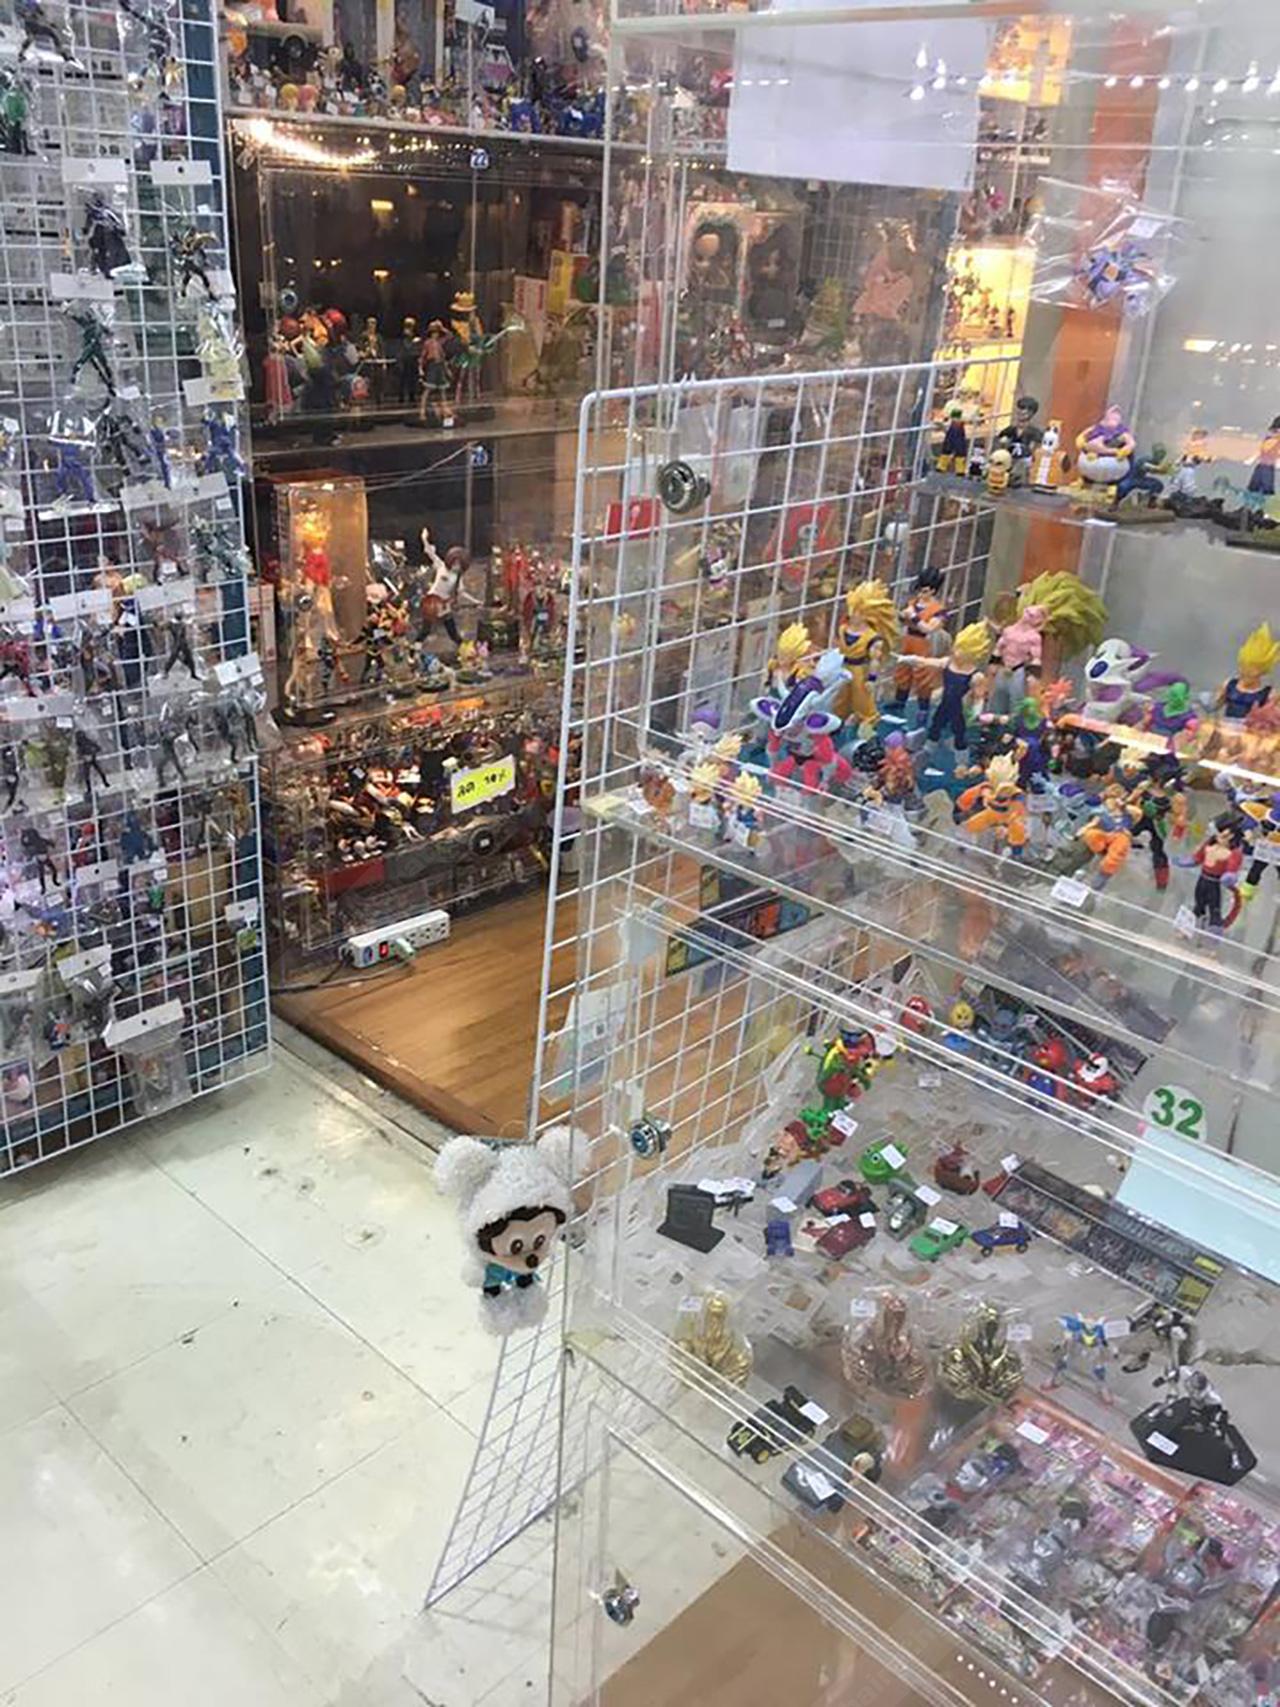 ร้านขายการ์ตูนโมเดล ศูนย์การค้าย่านงามวงศ์วาน